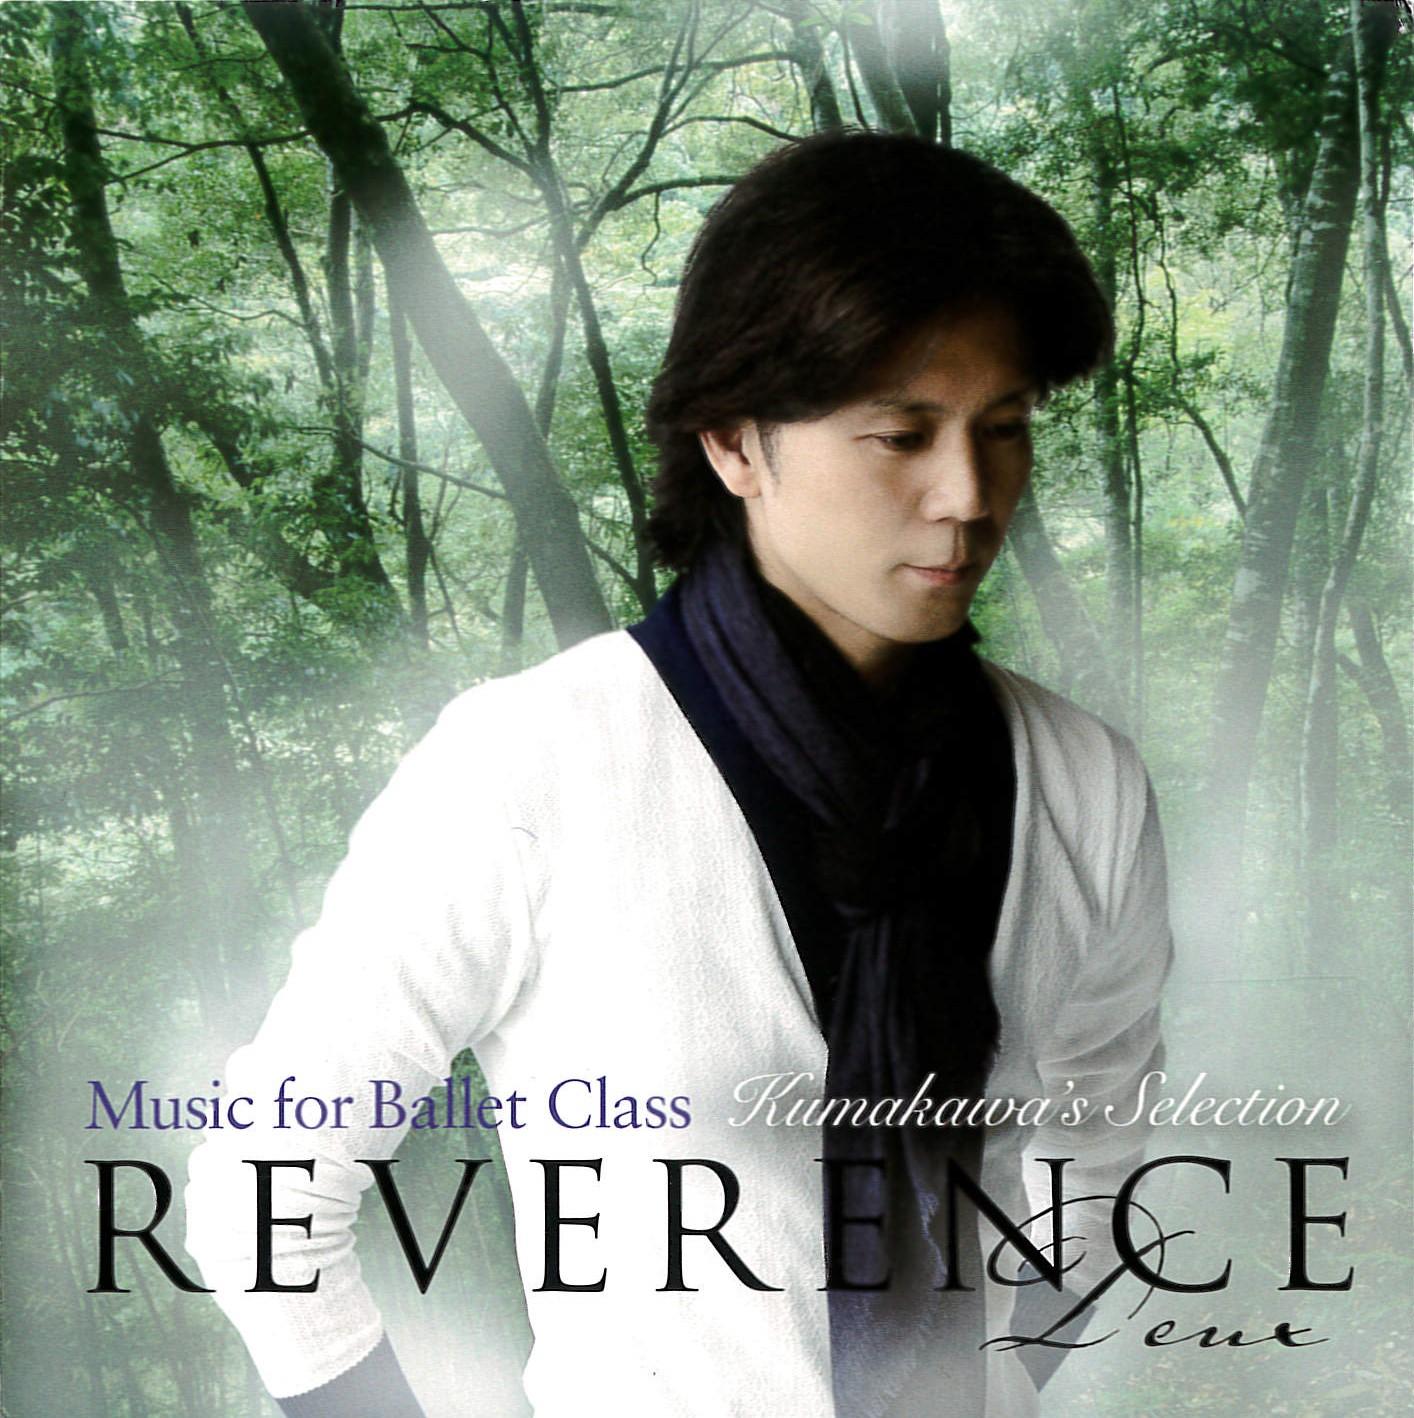 熊川哲也セレクション Music for Ballet Class レヴェランス・ドゥ (CD)